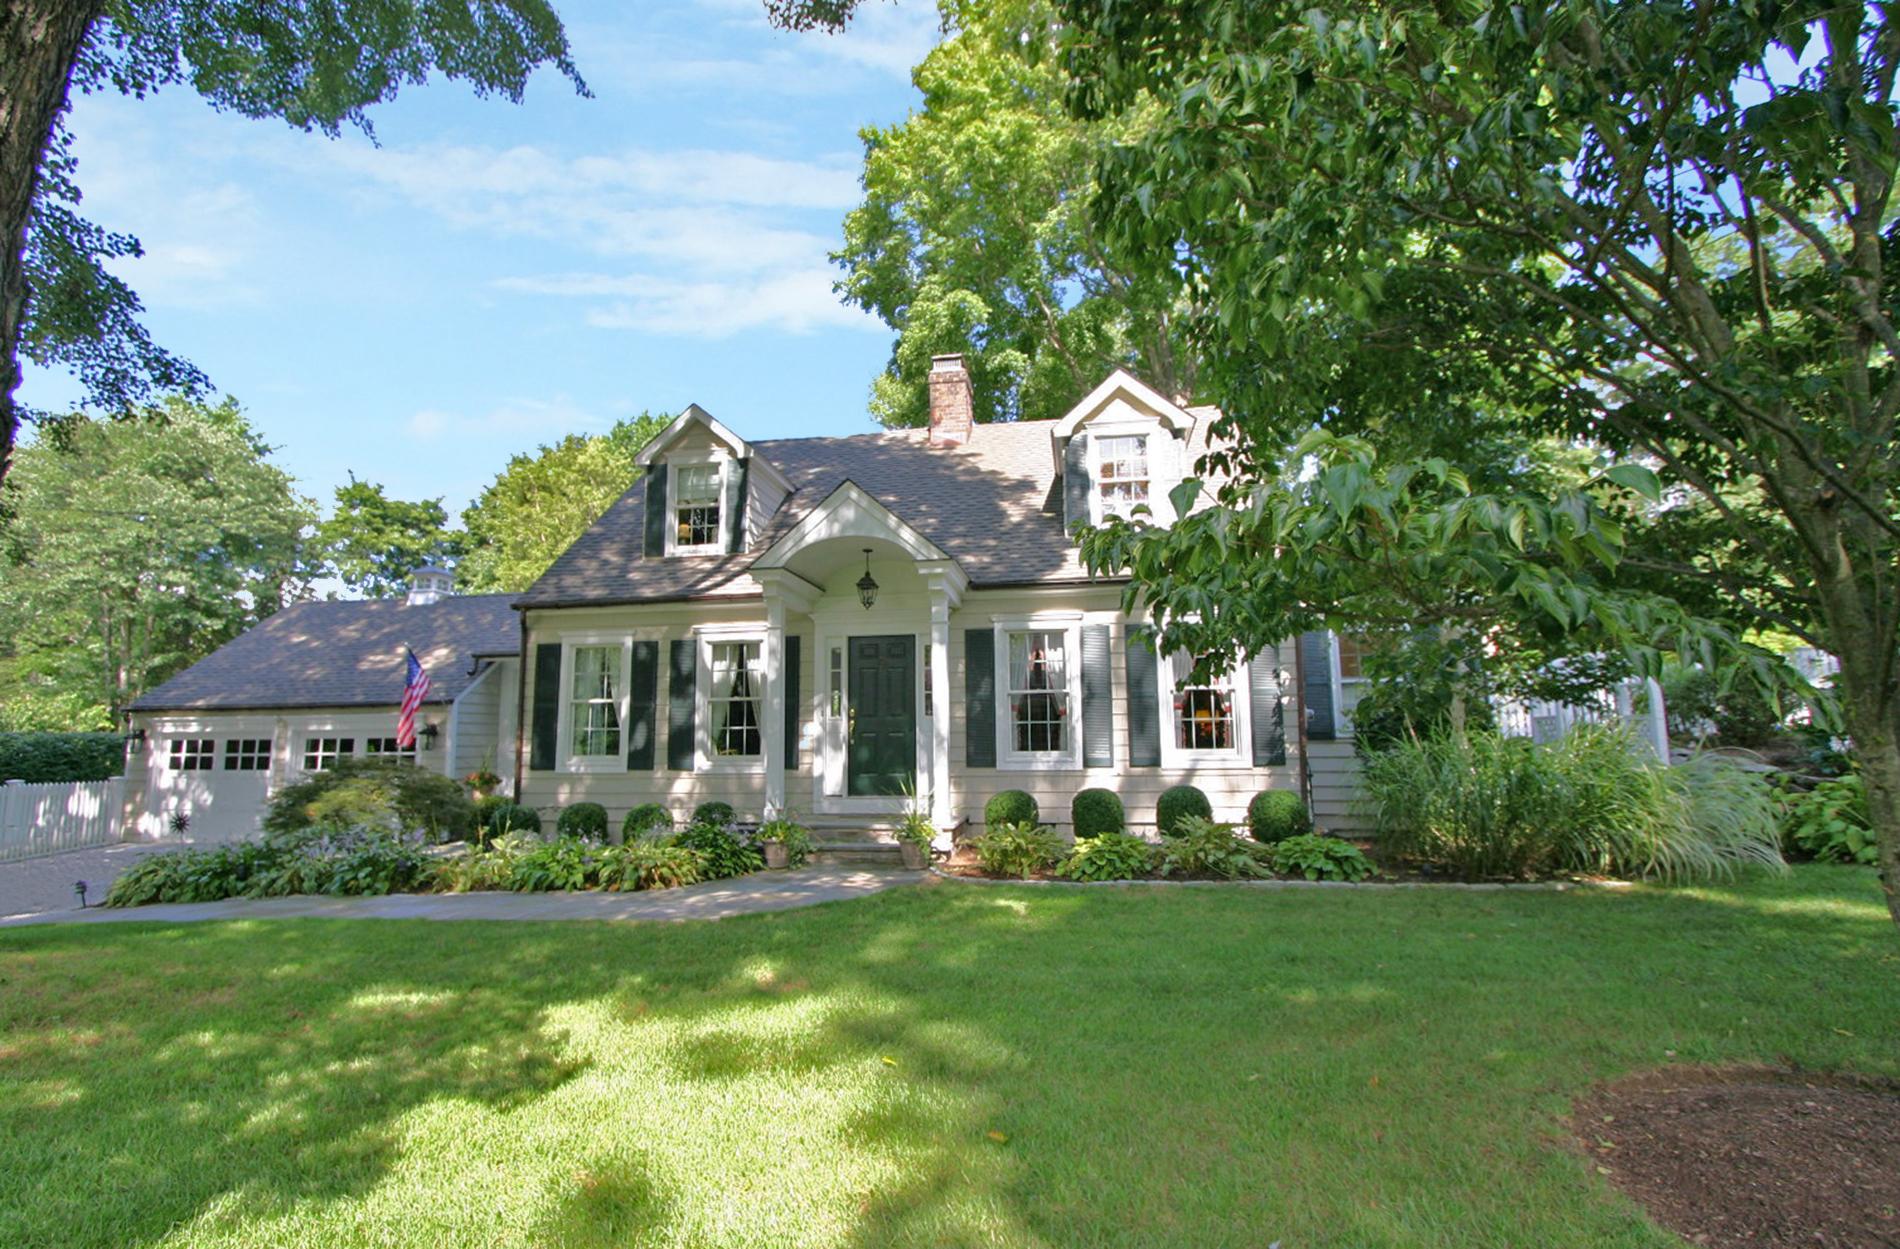 단독 가정 주택 용 매매 에 Picture Perfect Home 5 Reichert Circle Westport, 코네티컷 06880 미국